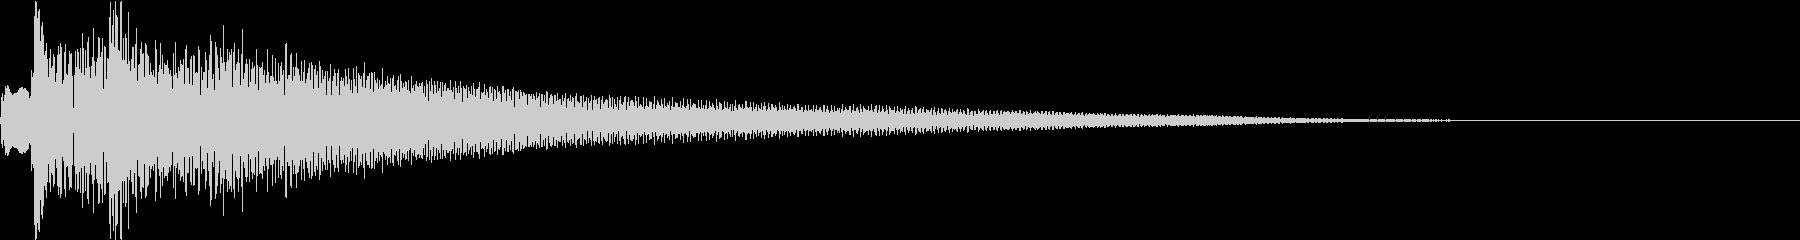 テュルルン:シリアスなハープ・弾くgの未再生の波形